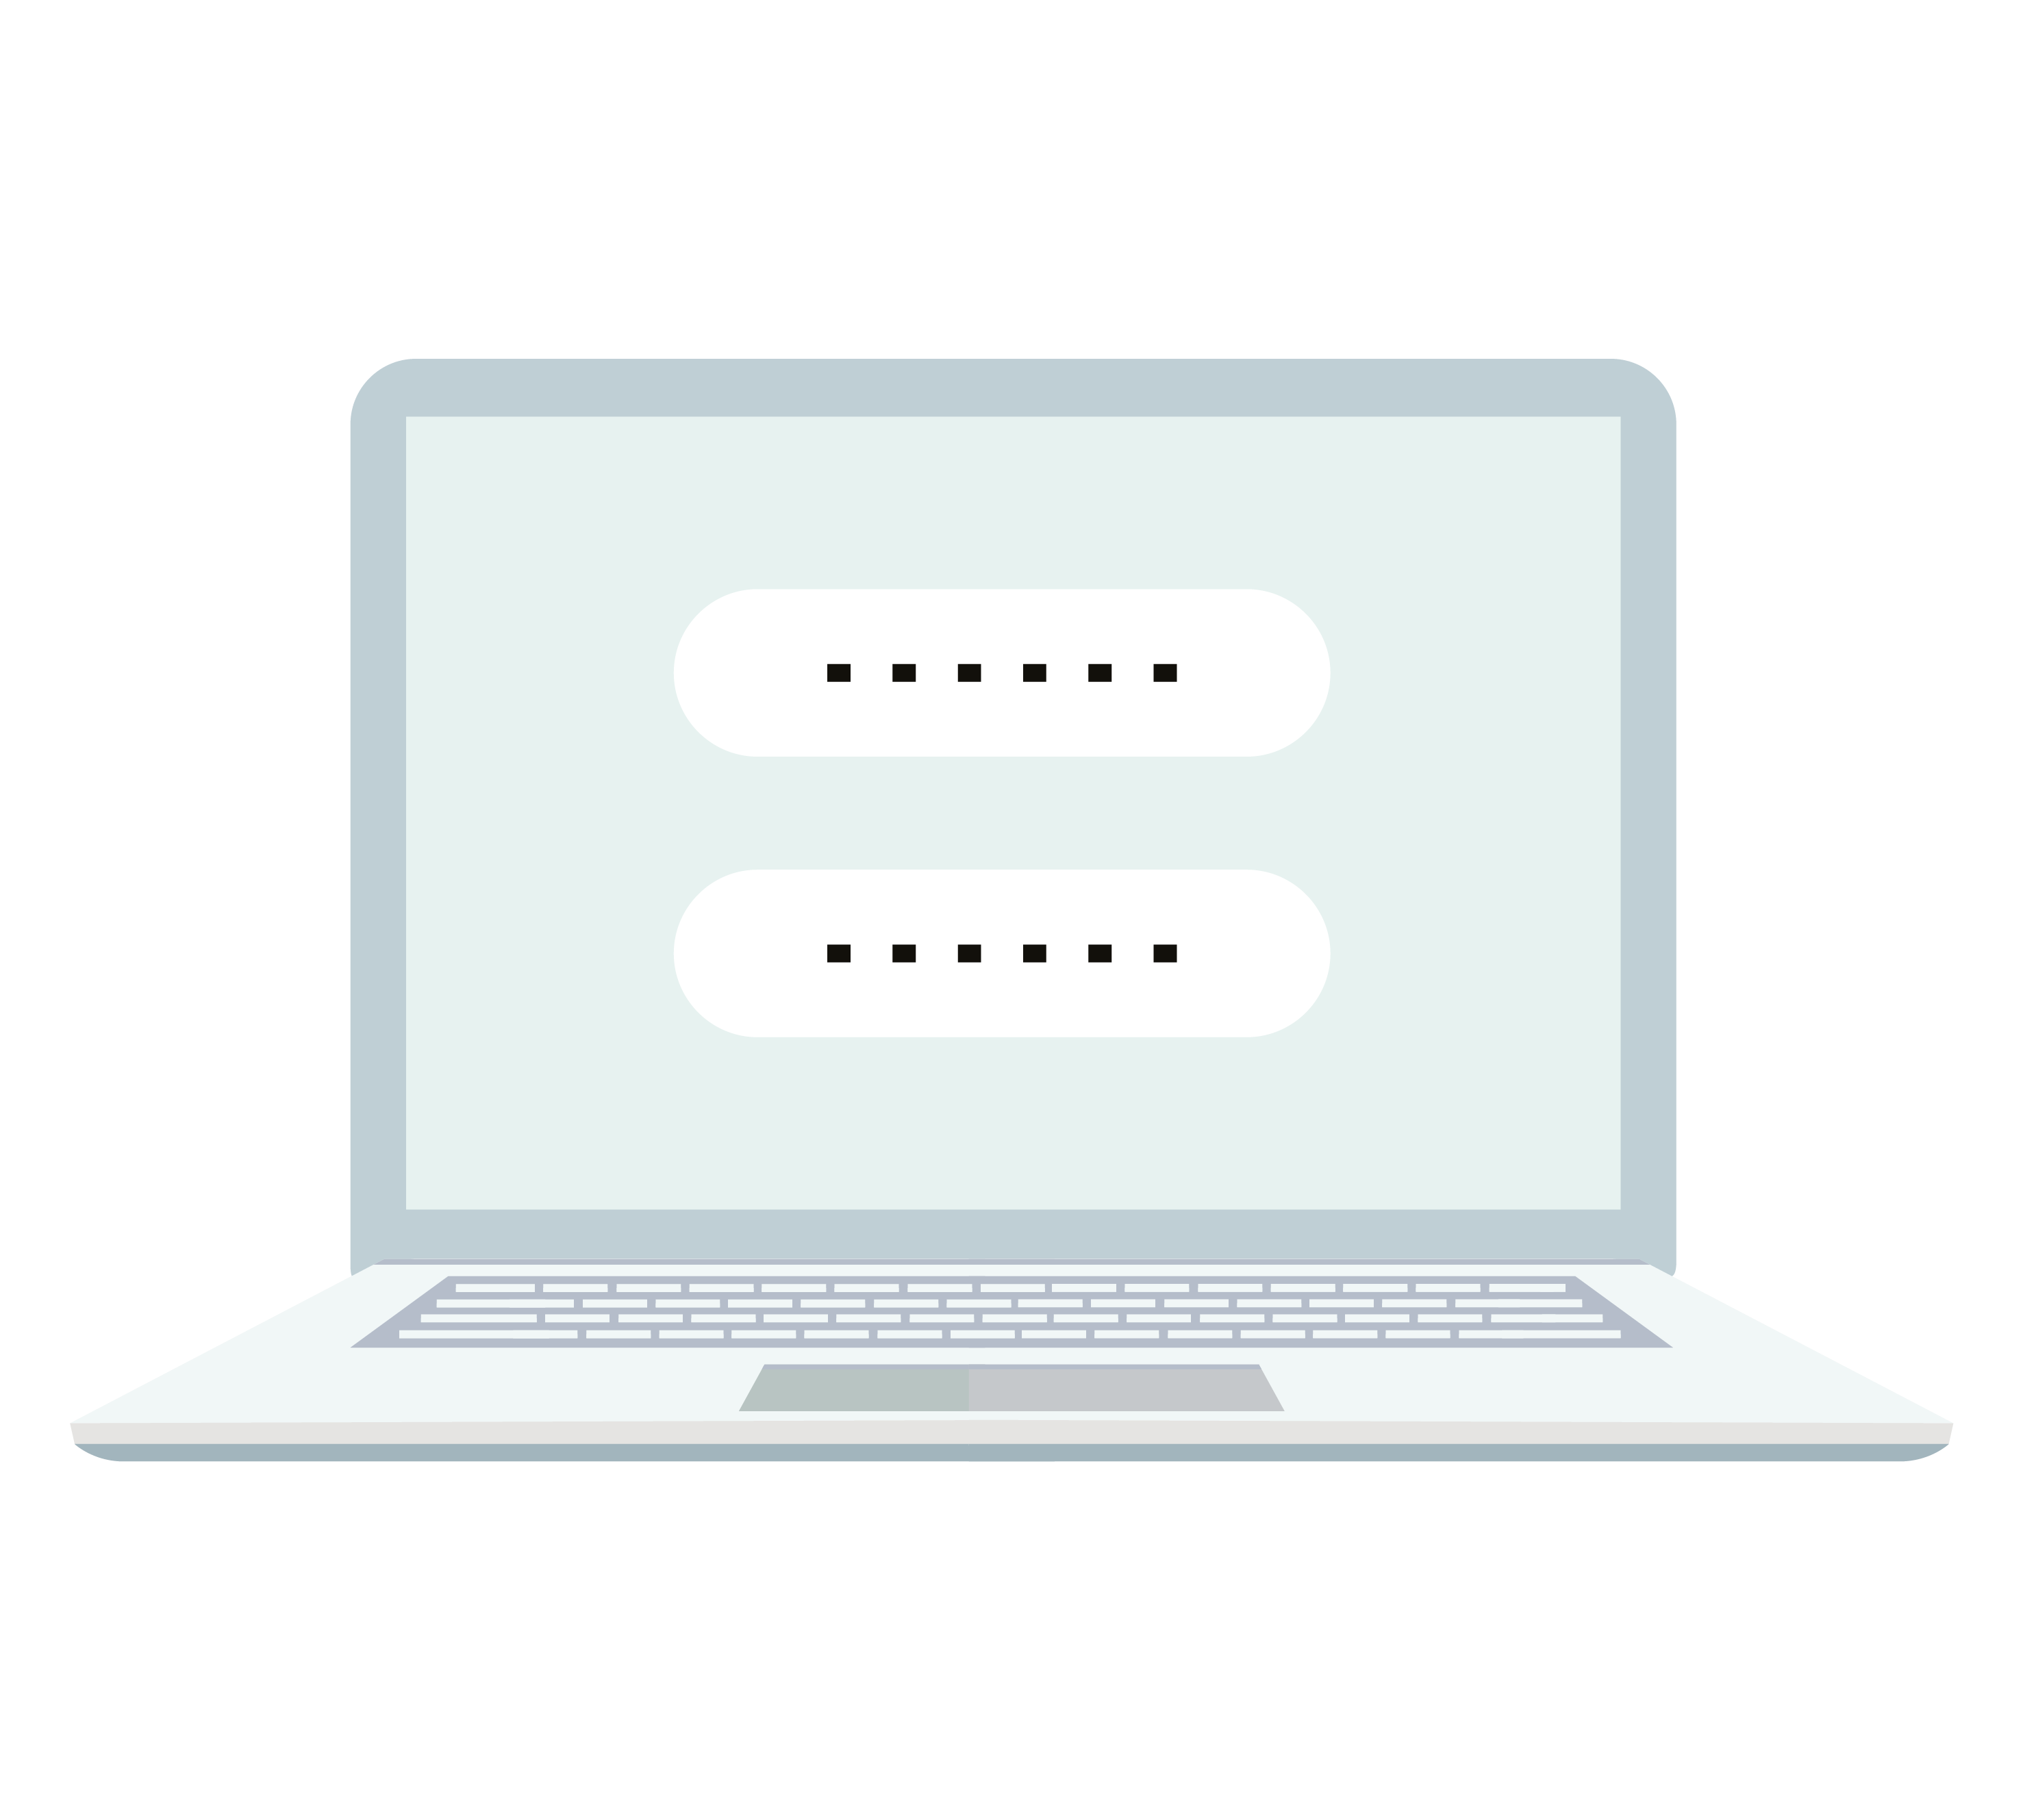 Stop exposing user passwords